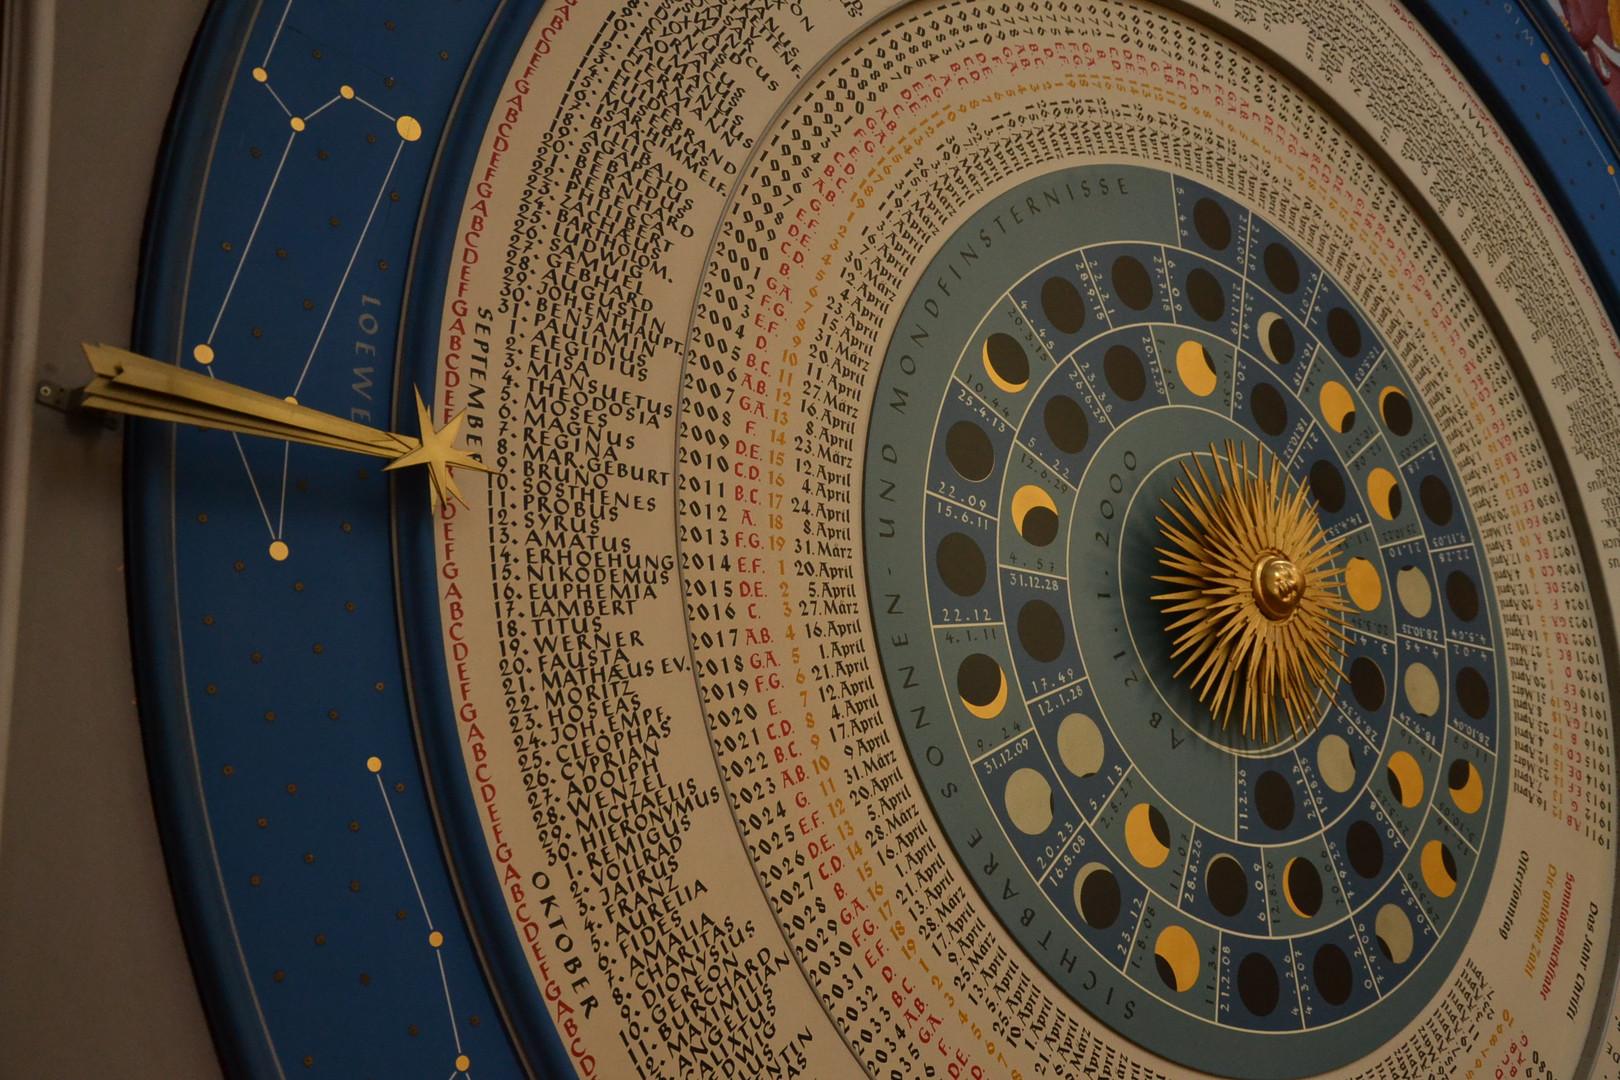 Astronomische Uhr in St. Marien in Lübeck